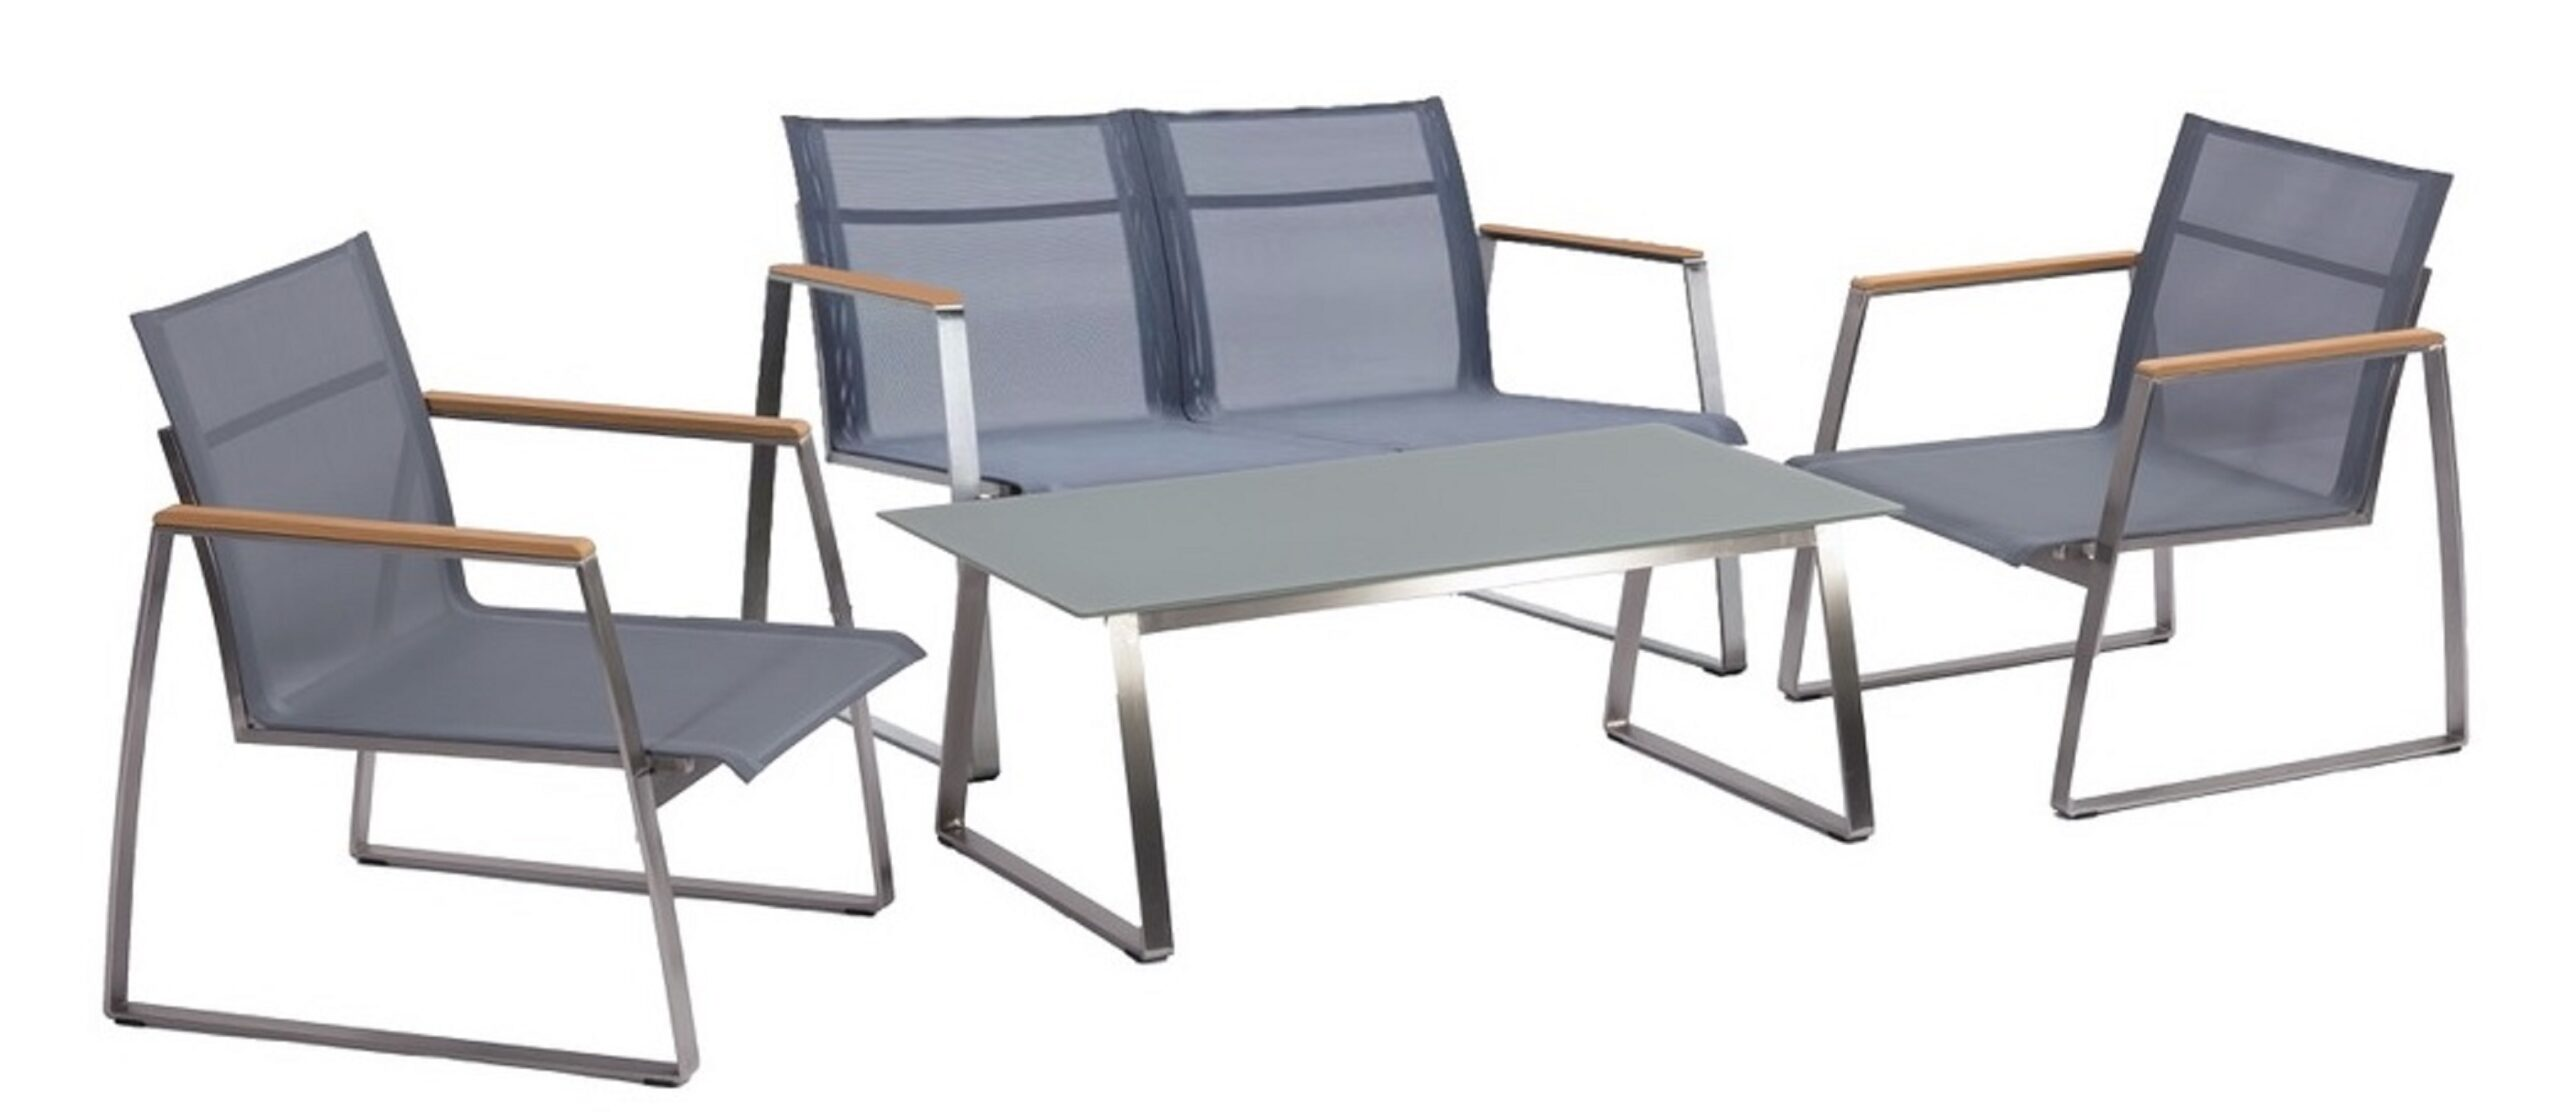 Full Size of Modern Loungemöbel Outdoor Edelstahl Lounge Gartenmbel Sitzgruppe Mbel Garten Holz Küche Moderne Landhausküche Esstisch Modernes Sofa Bilder Fürs Wohnzimmer Modern Loungemöbel Outdoor